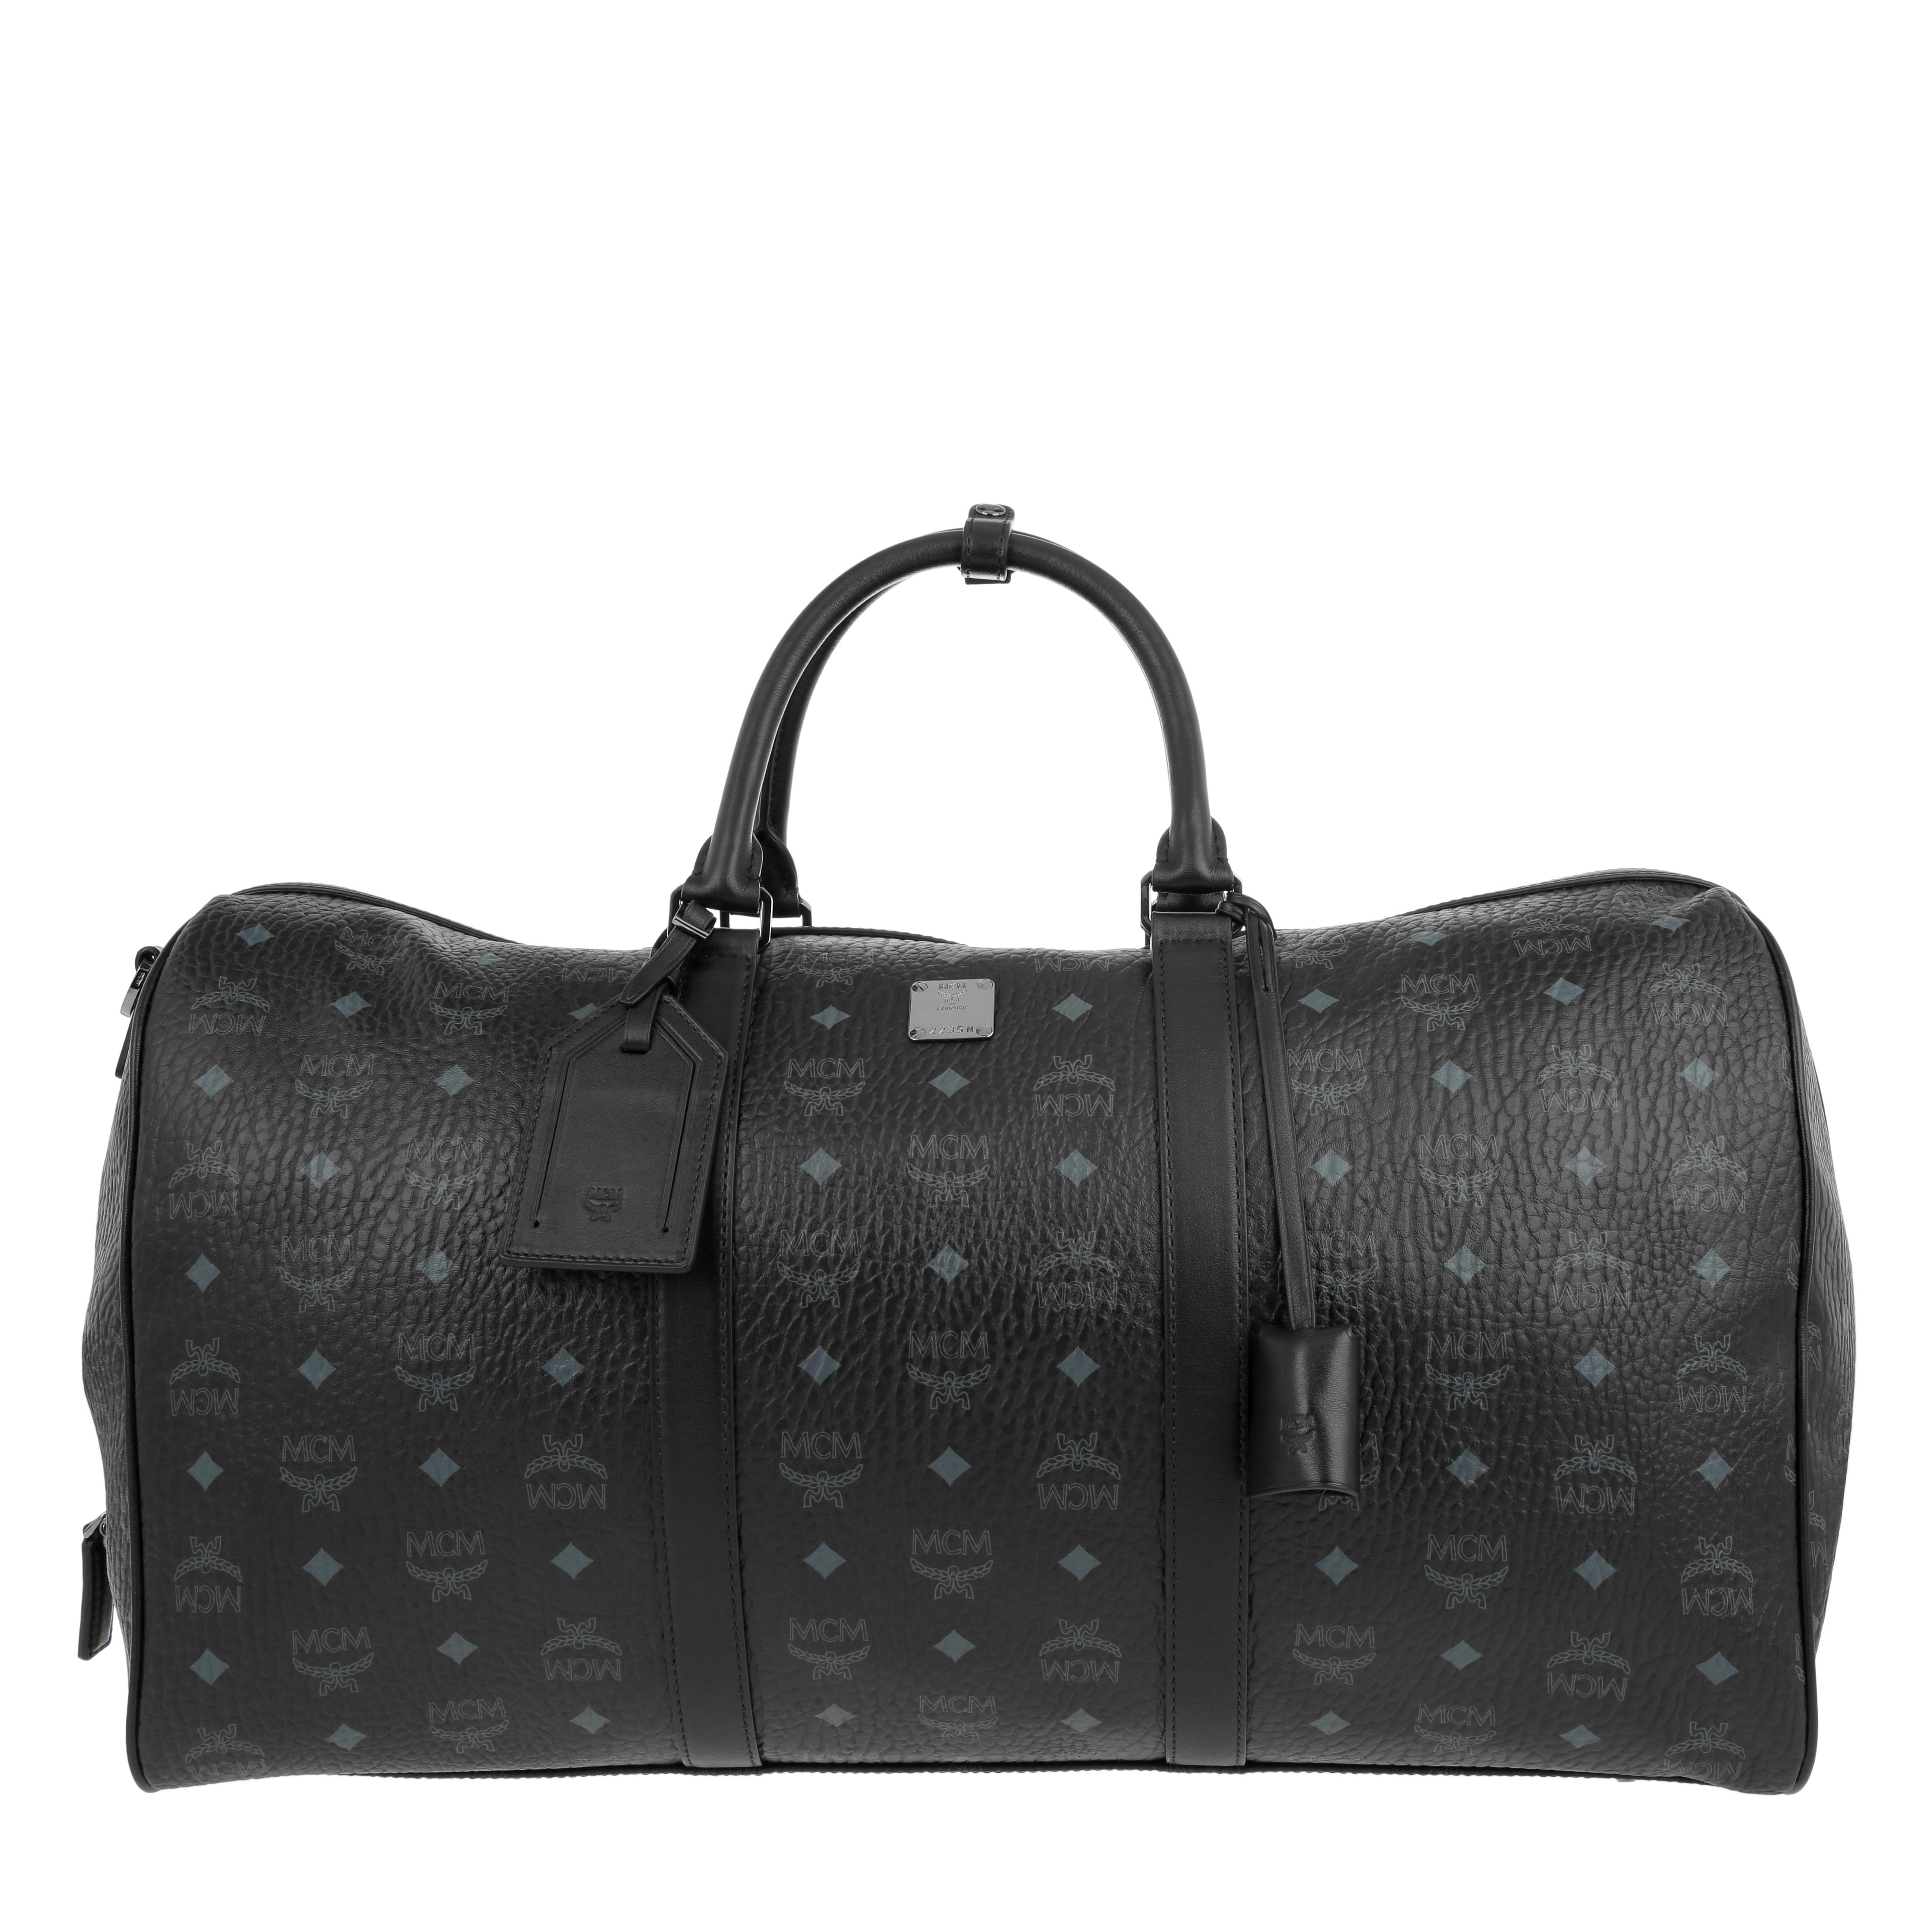 MCM Reisetasche - Traveler Visetos Weekender Large Black - in schwarz - für Damen